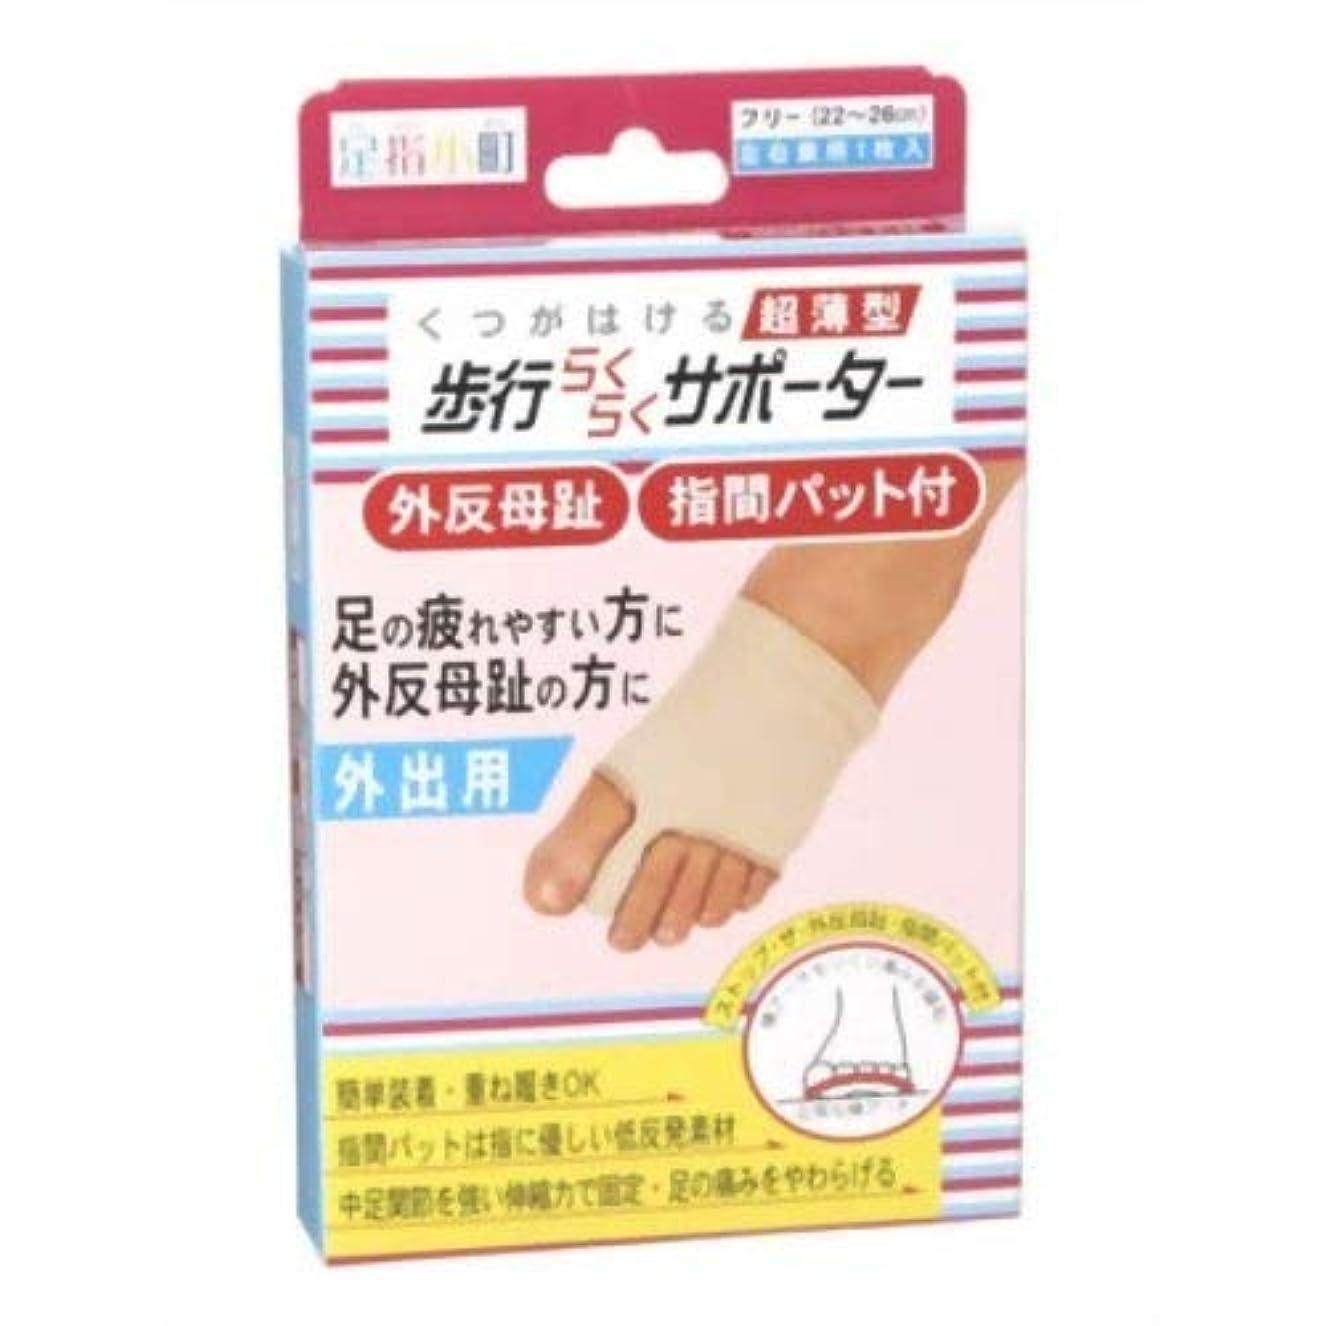 ブランド簡潔な誤解を招く足指小町歩行らくらくサポーター指間パット付 ×3個セット